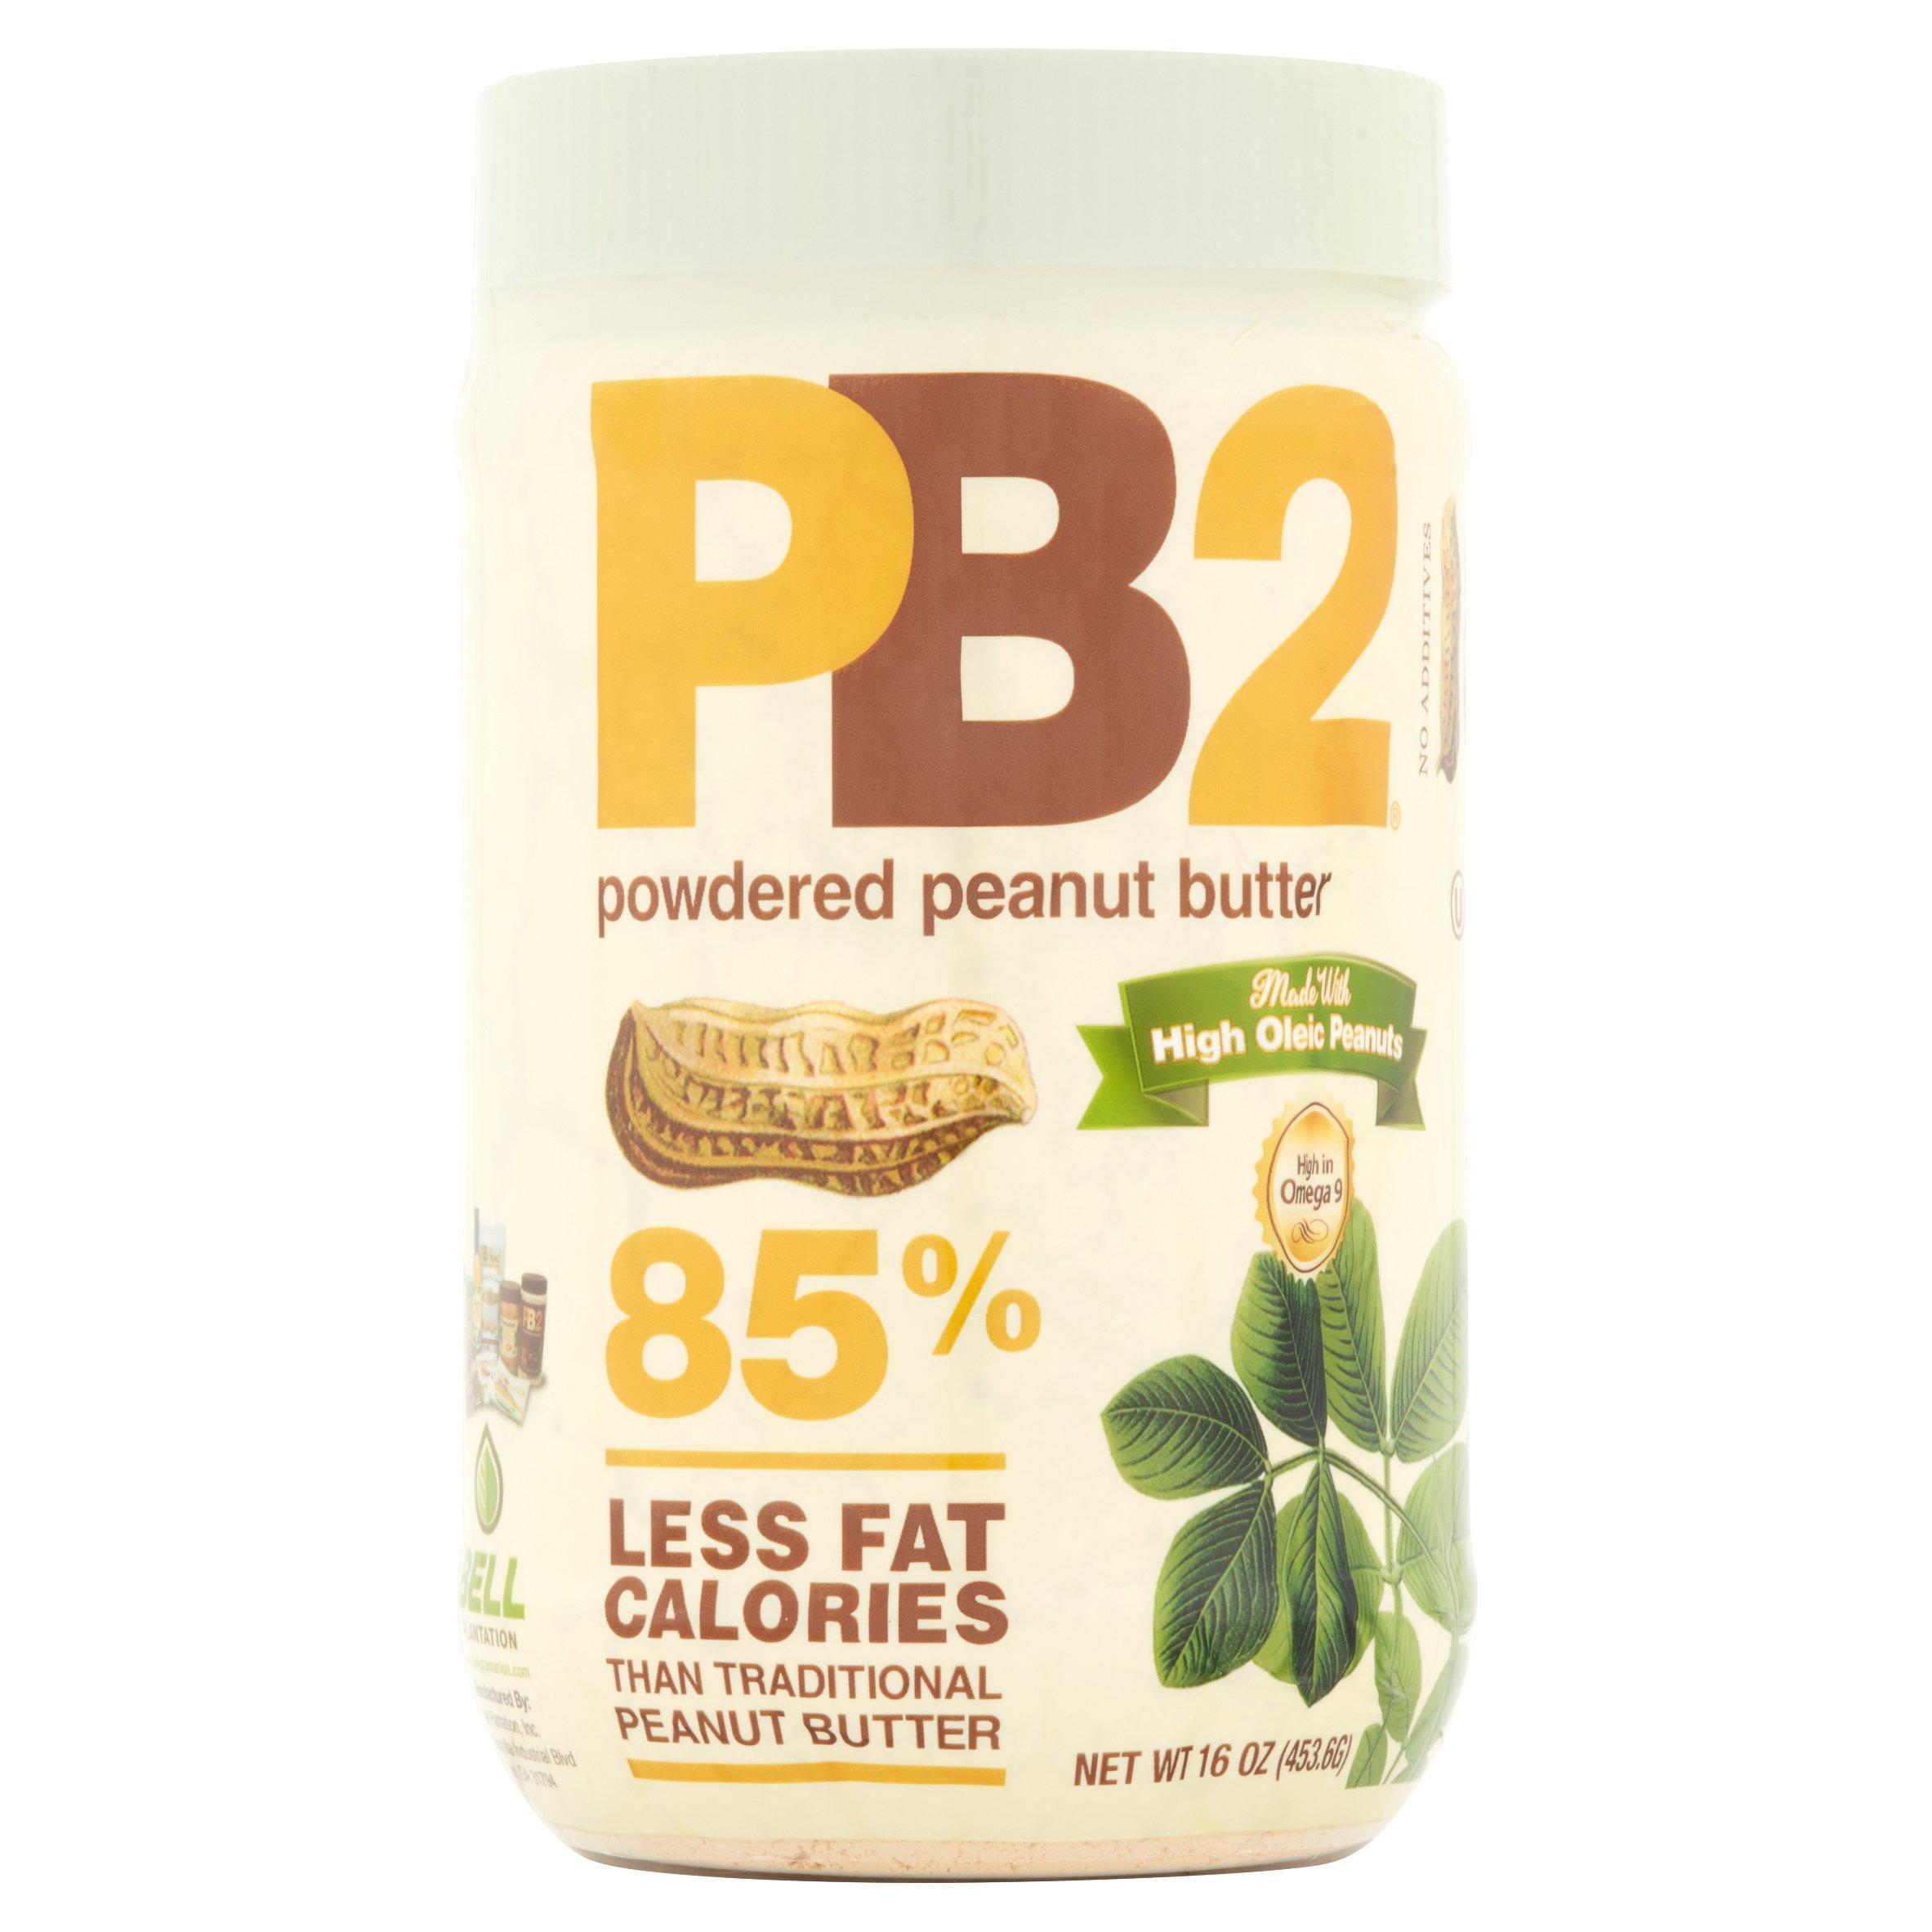 PB2 Powdered Peanut Butter, 16 oz